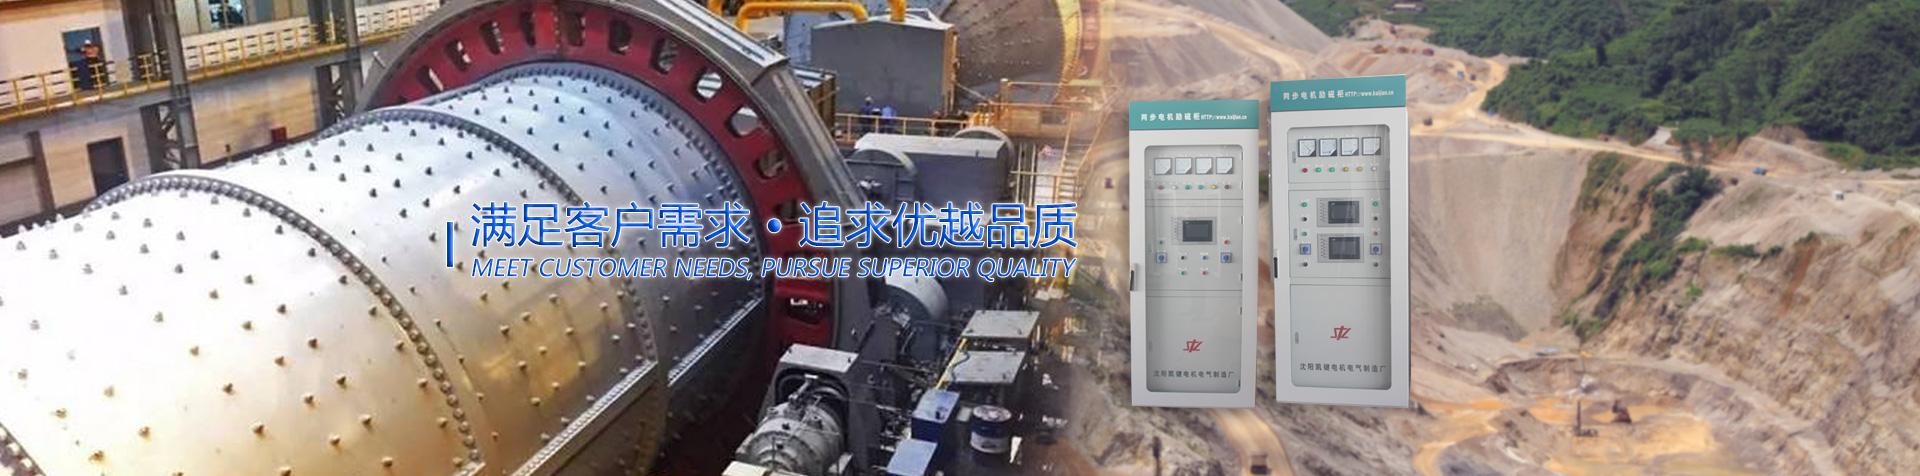 高压启动电抗器